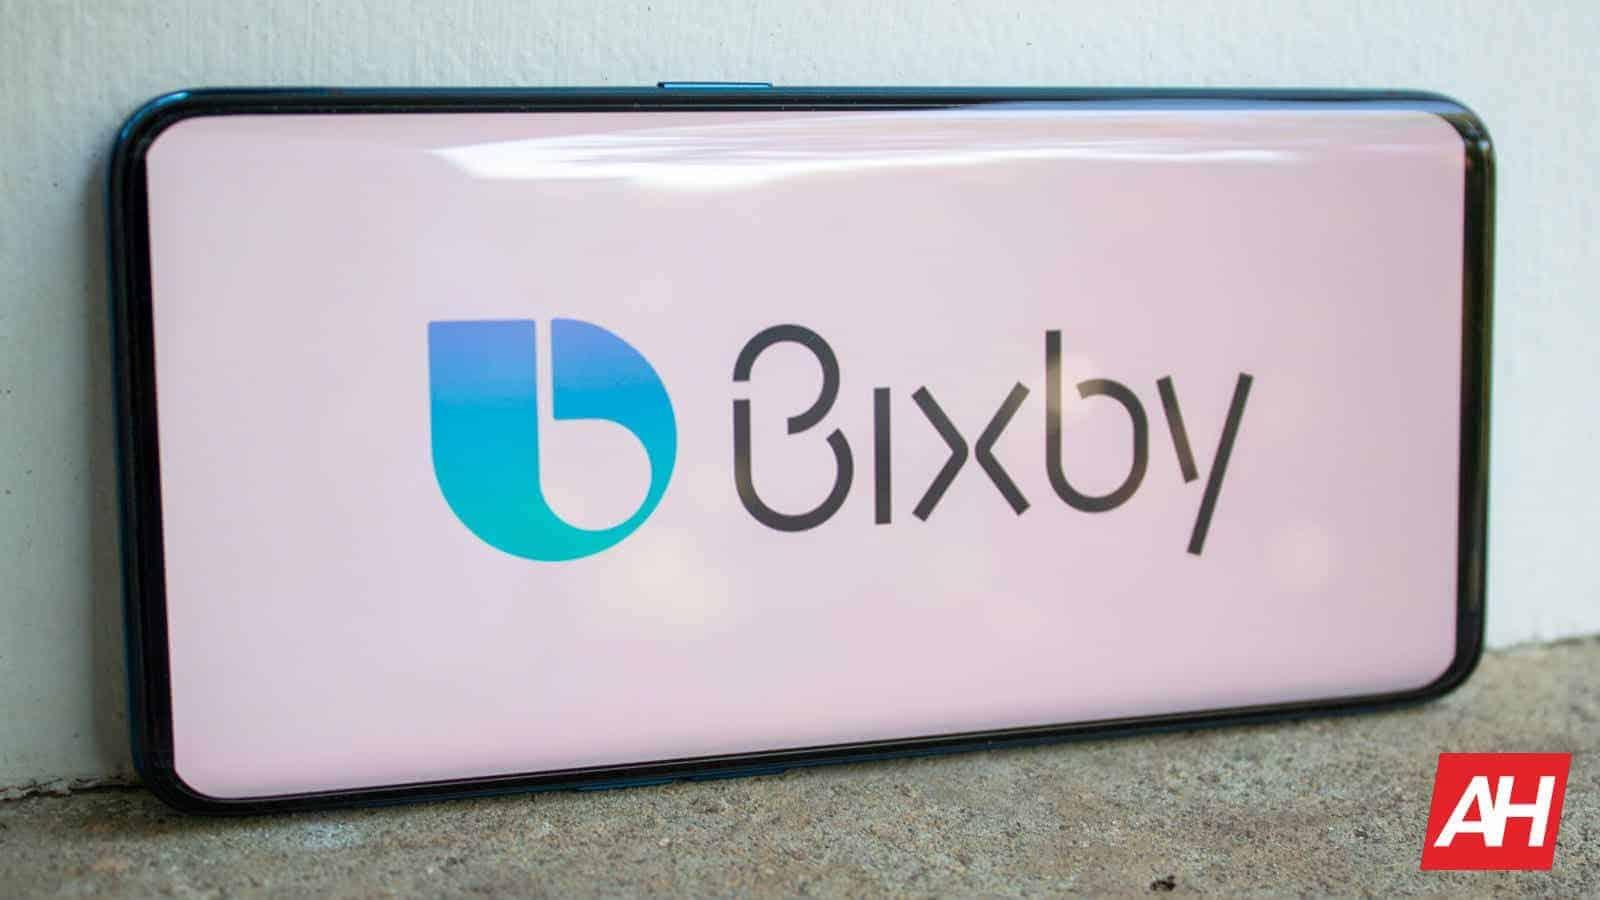 Samsung Bixby AH NS 04 AH 2019